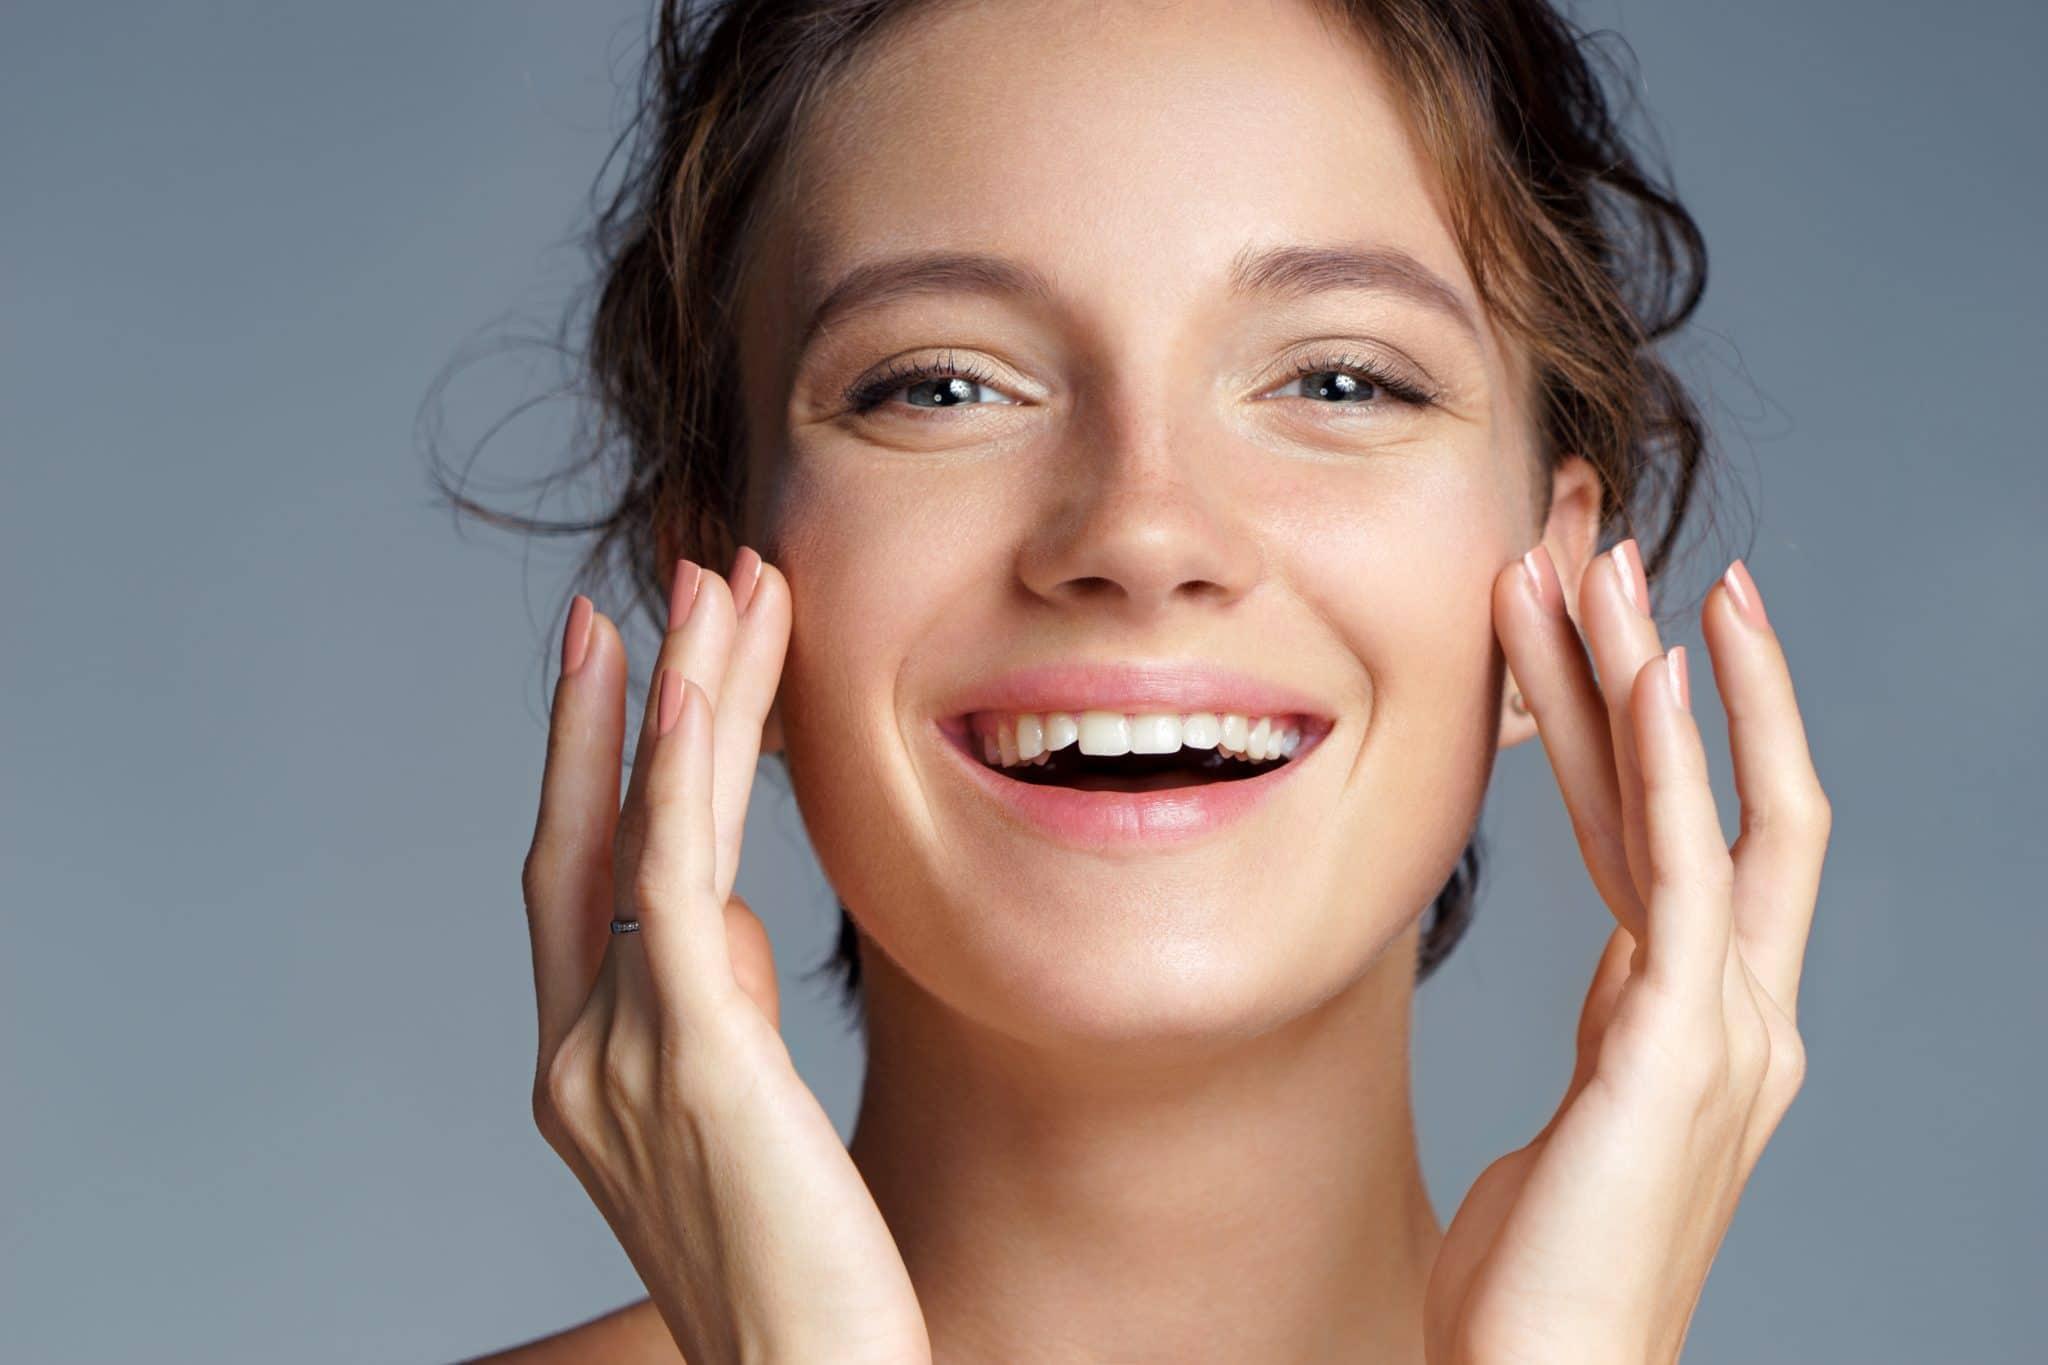 Comment améliorer la fermeté de la peau ?